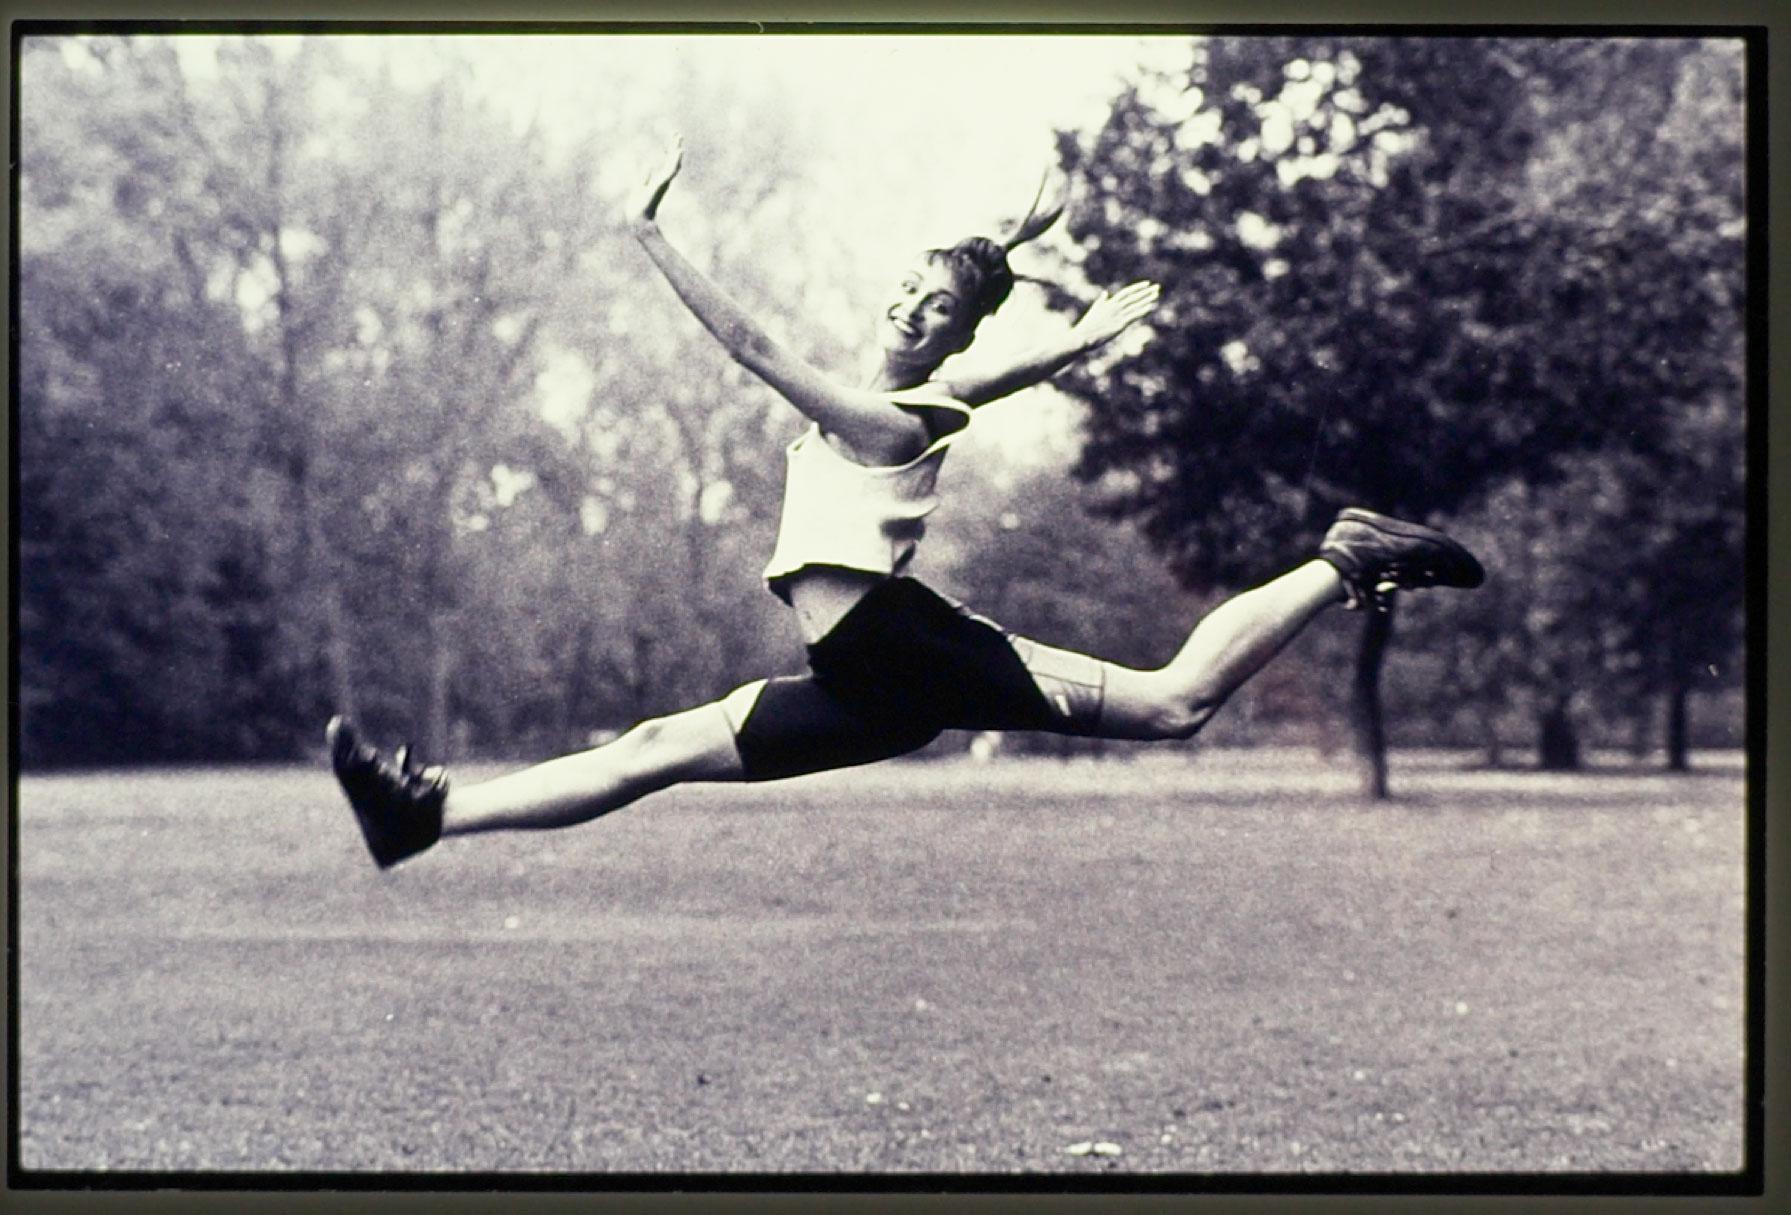 Eine Frau springt mit gestreckten Beinen über eine Wiese. Sie trägt Sportkleidung. Ein Mann mit Kontrabass. Er blickt nach unten. Das Bild ist analog in schwarzweiss aufgenommen. Fotograf: Jörg Saibou, Köln Ehrenfeld